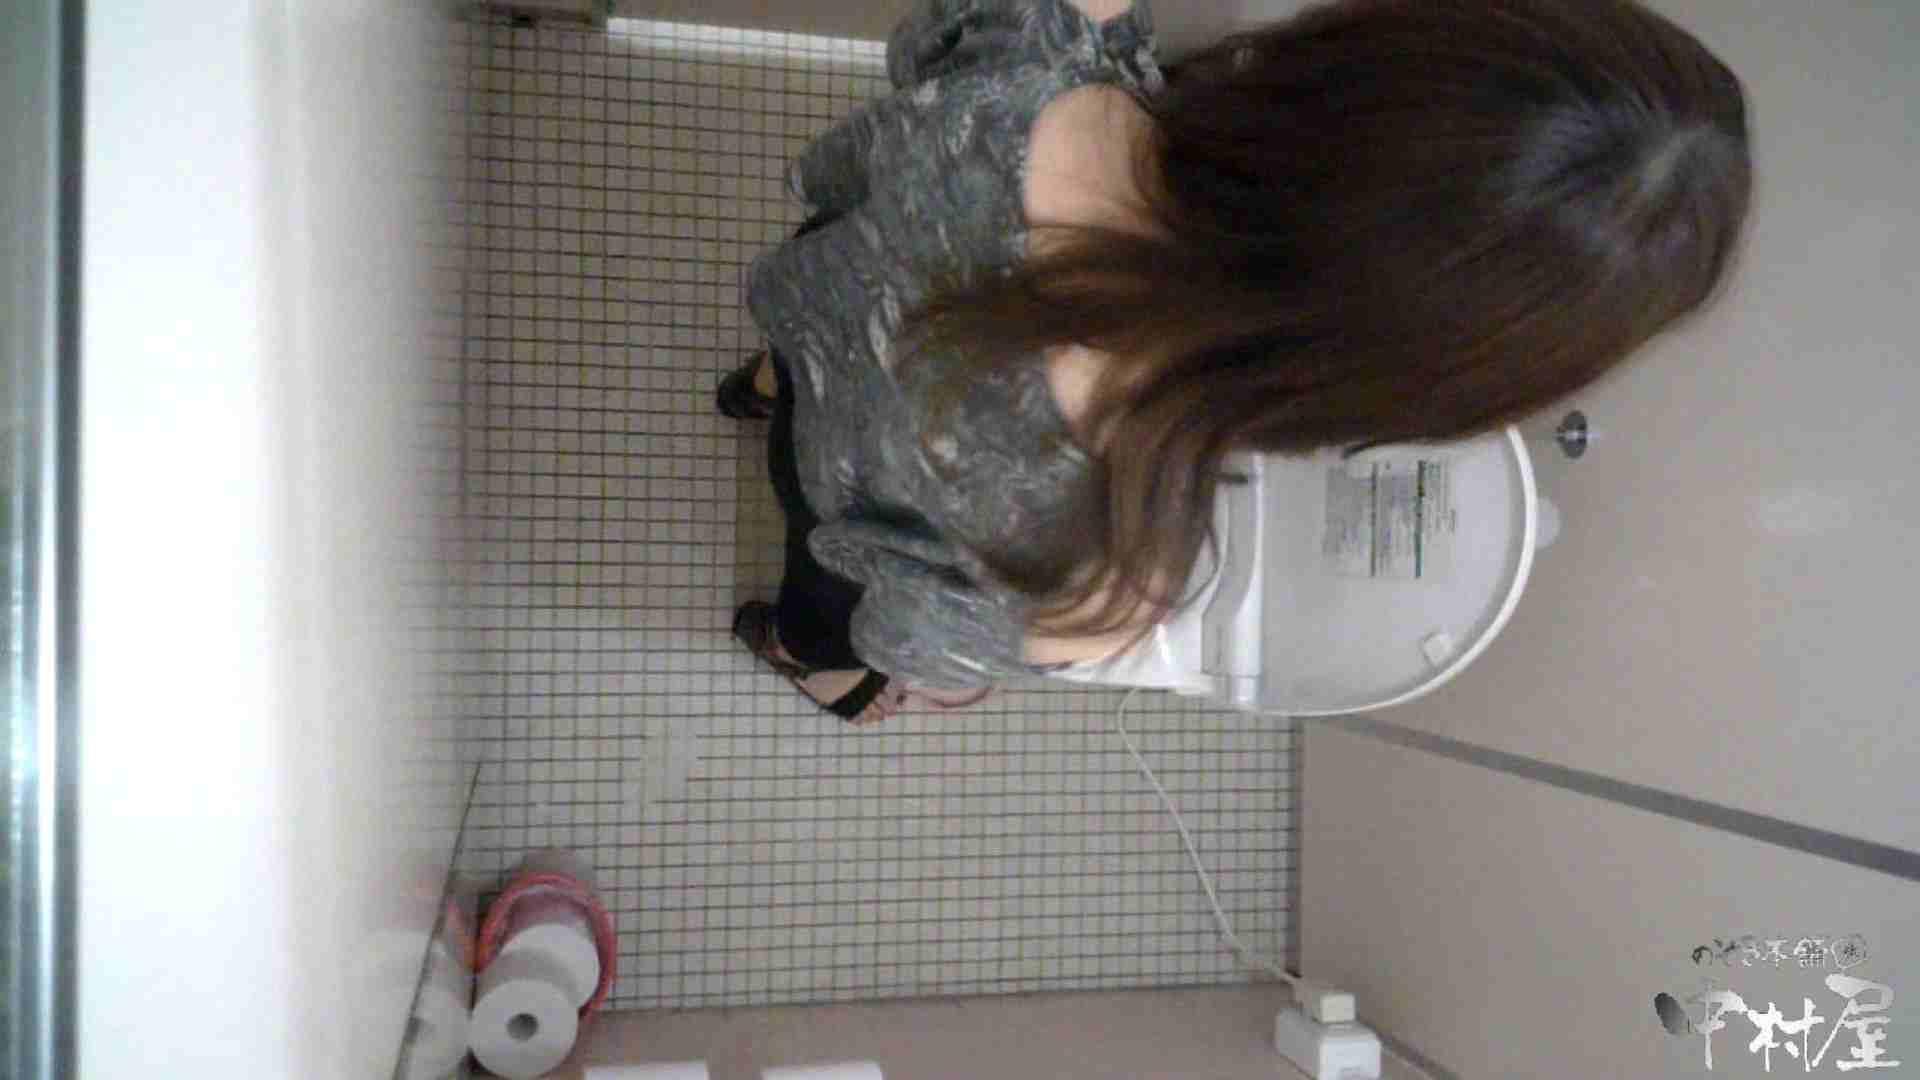 【某有名大学女性洗面所】有名大学女性洗面所 vol.43 いつみても神秘的な世界です。 0 | 0  102連発 25